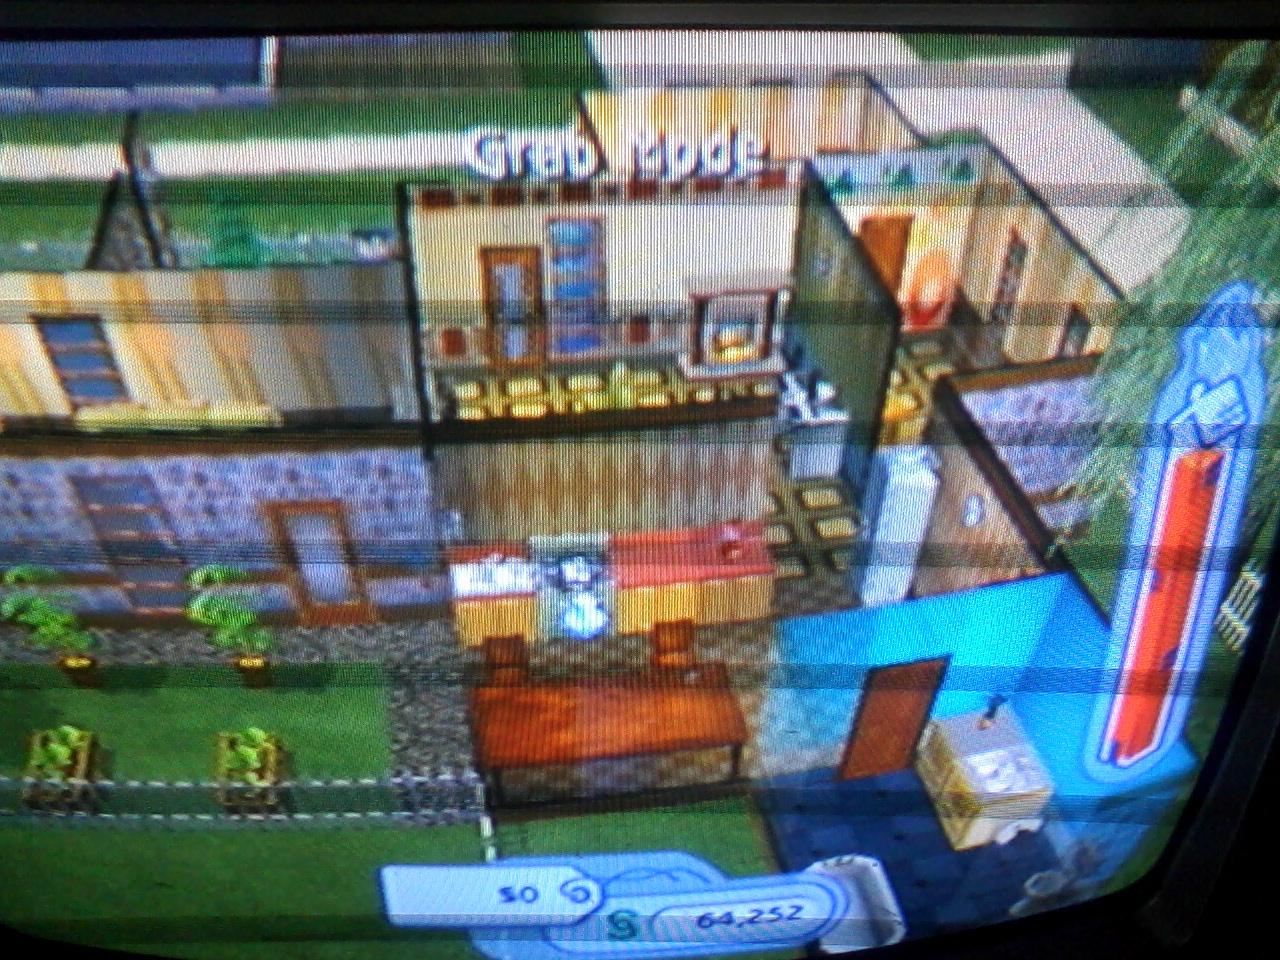 Hehehehhe... ini desain rumah yg pertama utk yg selanjutnya ntr akk posting lagi... maaf agak jelek trus gambarnya ada garis-garisnya aku foto pake hp. & ichiho Lia~: Oktober 2012~Li